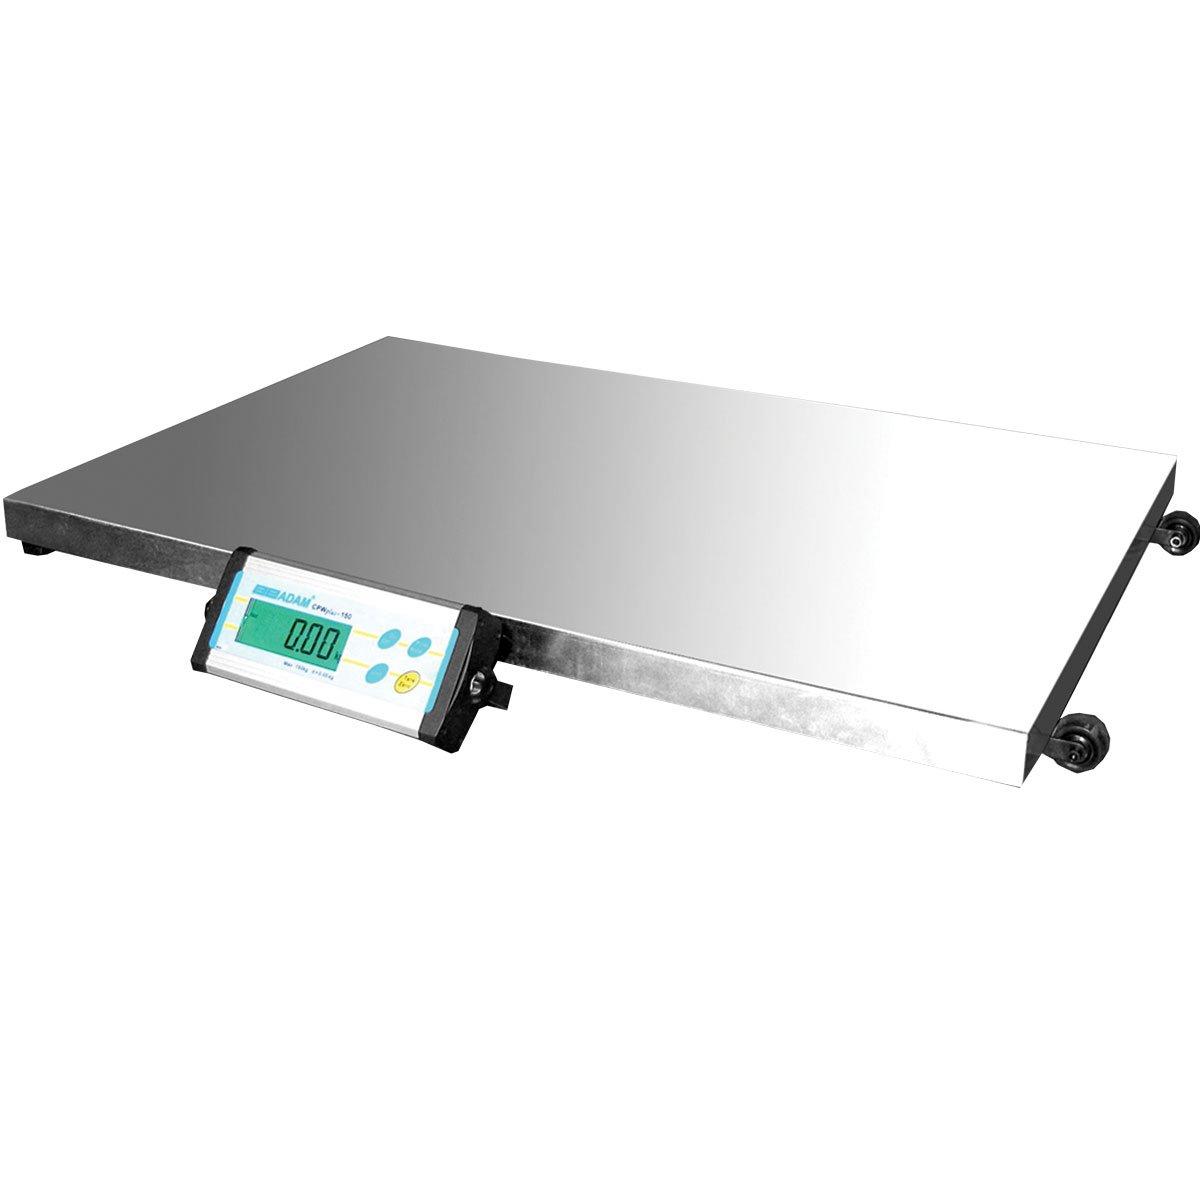 Adam Equipment CPWplus 300L Large Platform Floor Scale, 660lb/300kg Capacity, 0.2lb/100g Readability